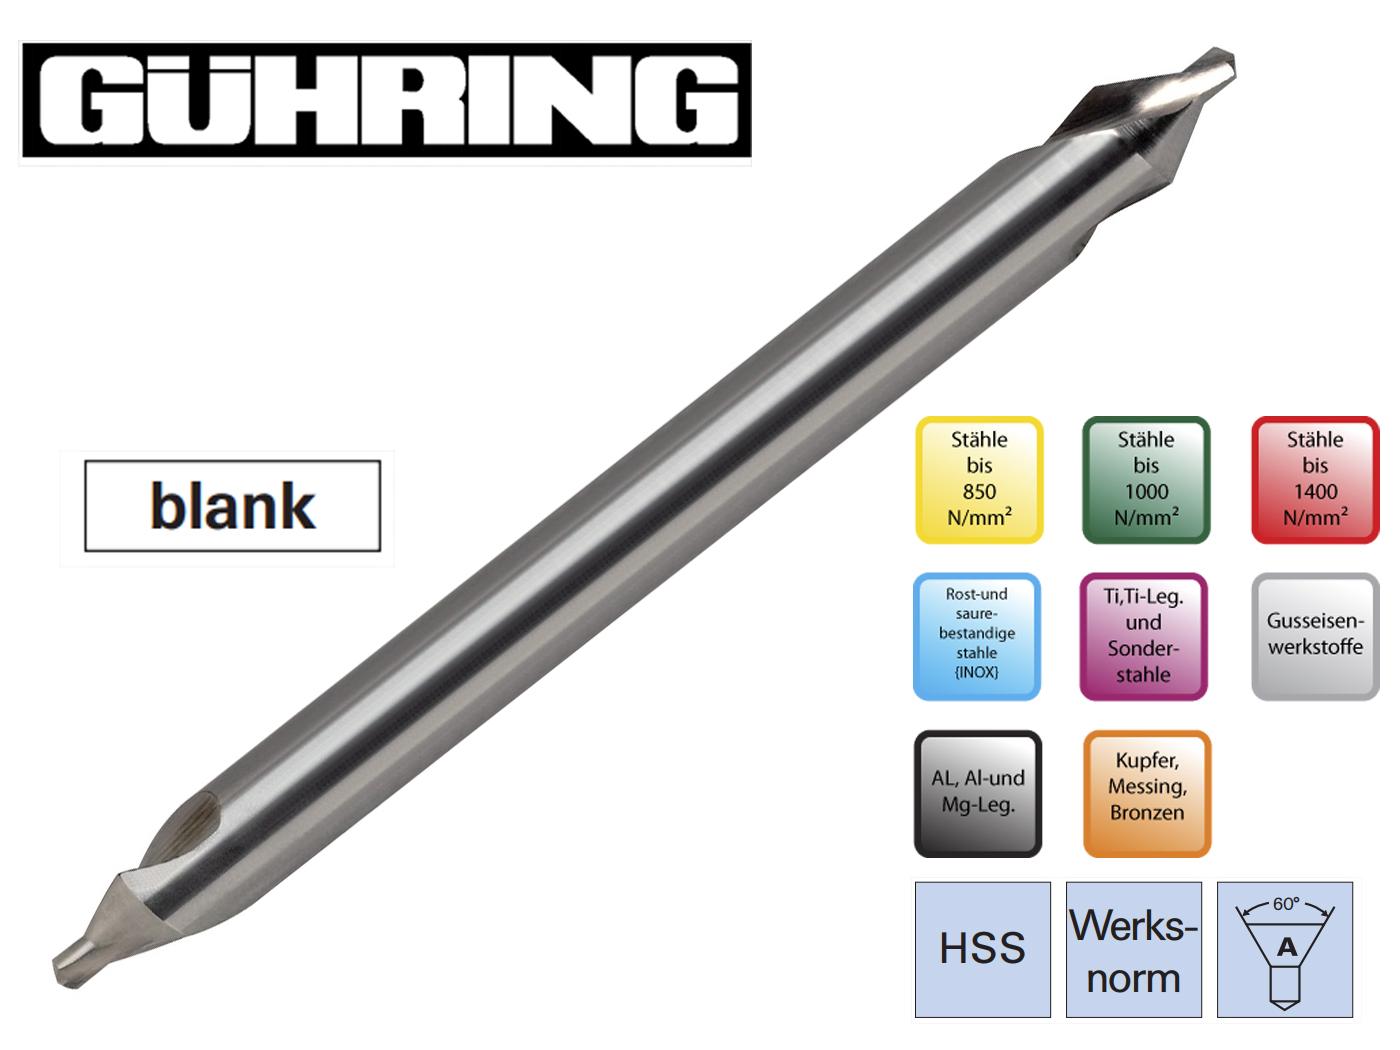 Centreerboor extra lang HSS Guhring | DKMTools - DKM Tools